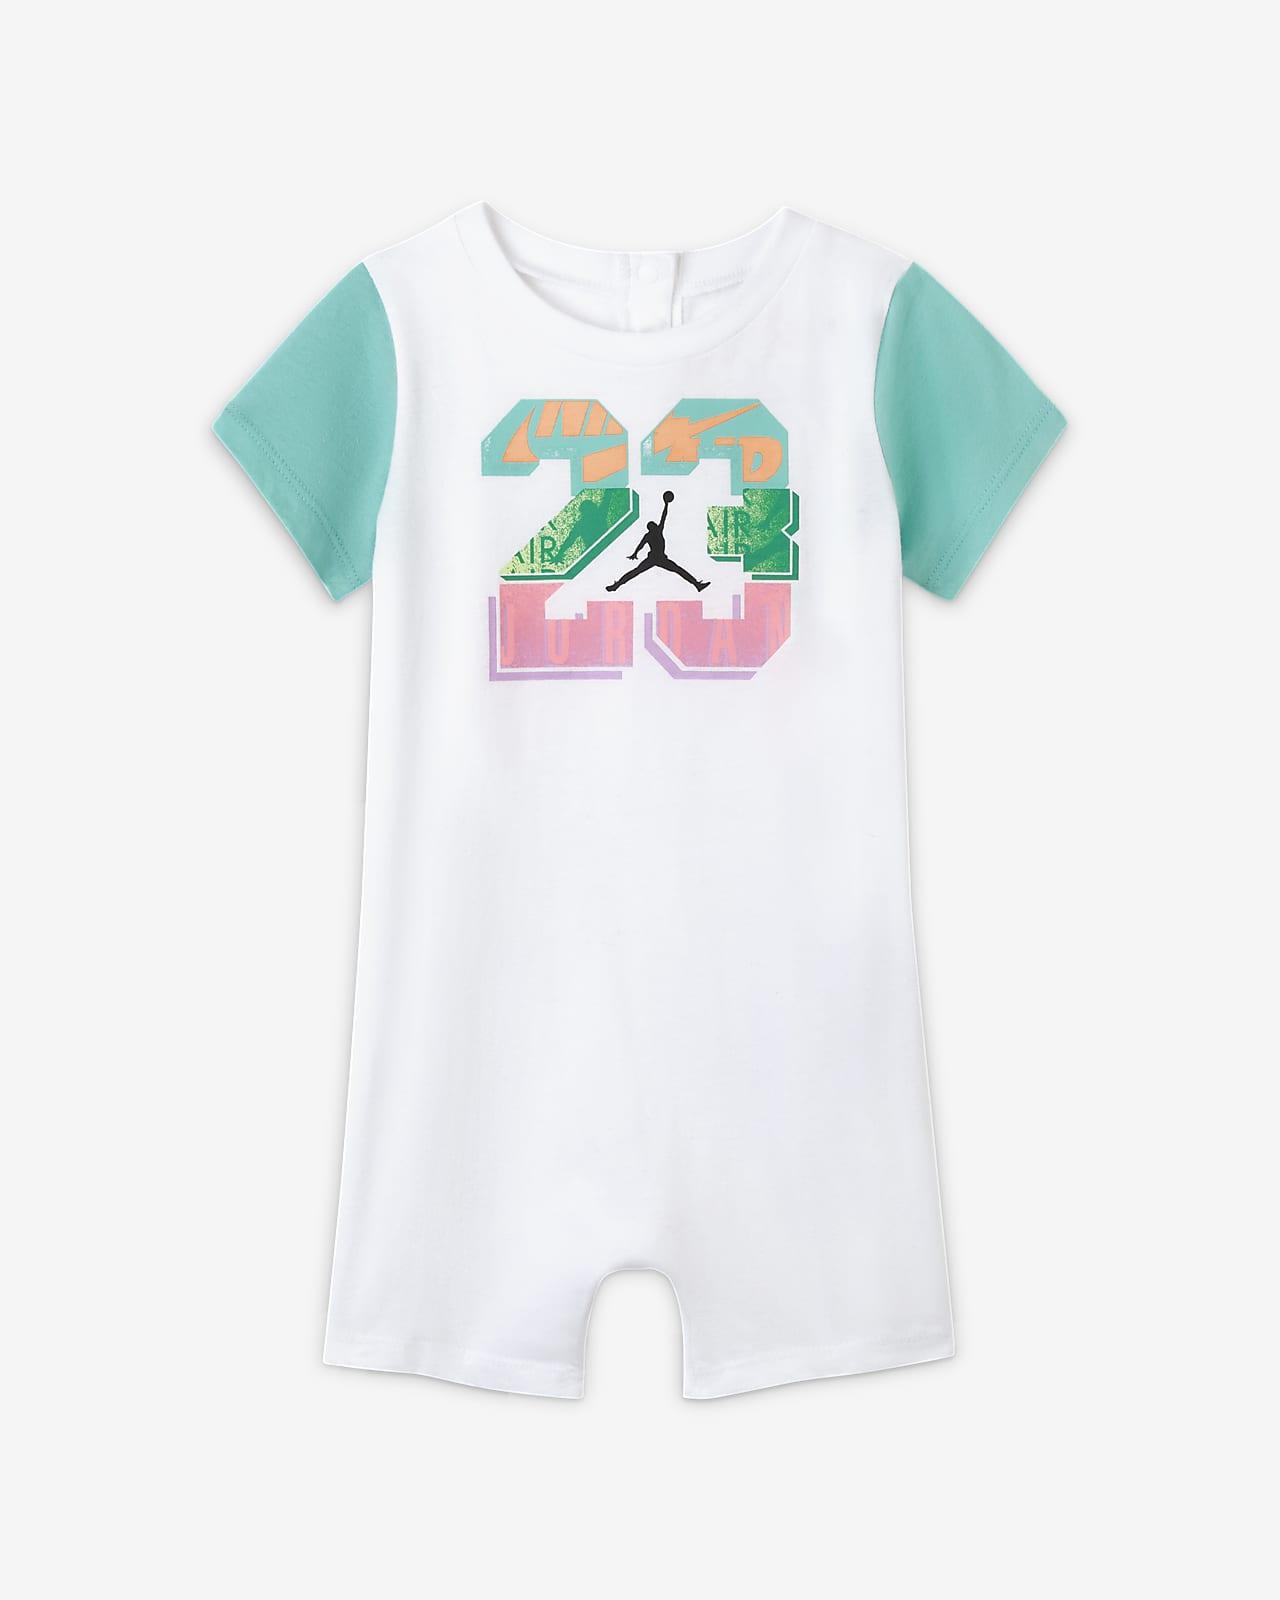 Jordan Baby (12-24M) Romper